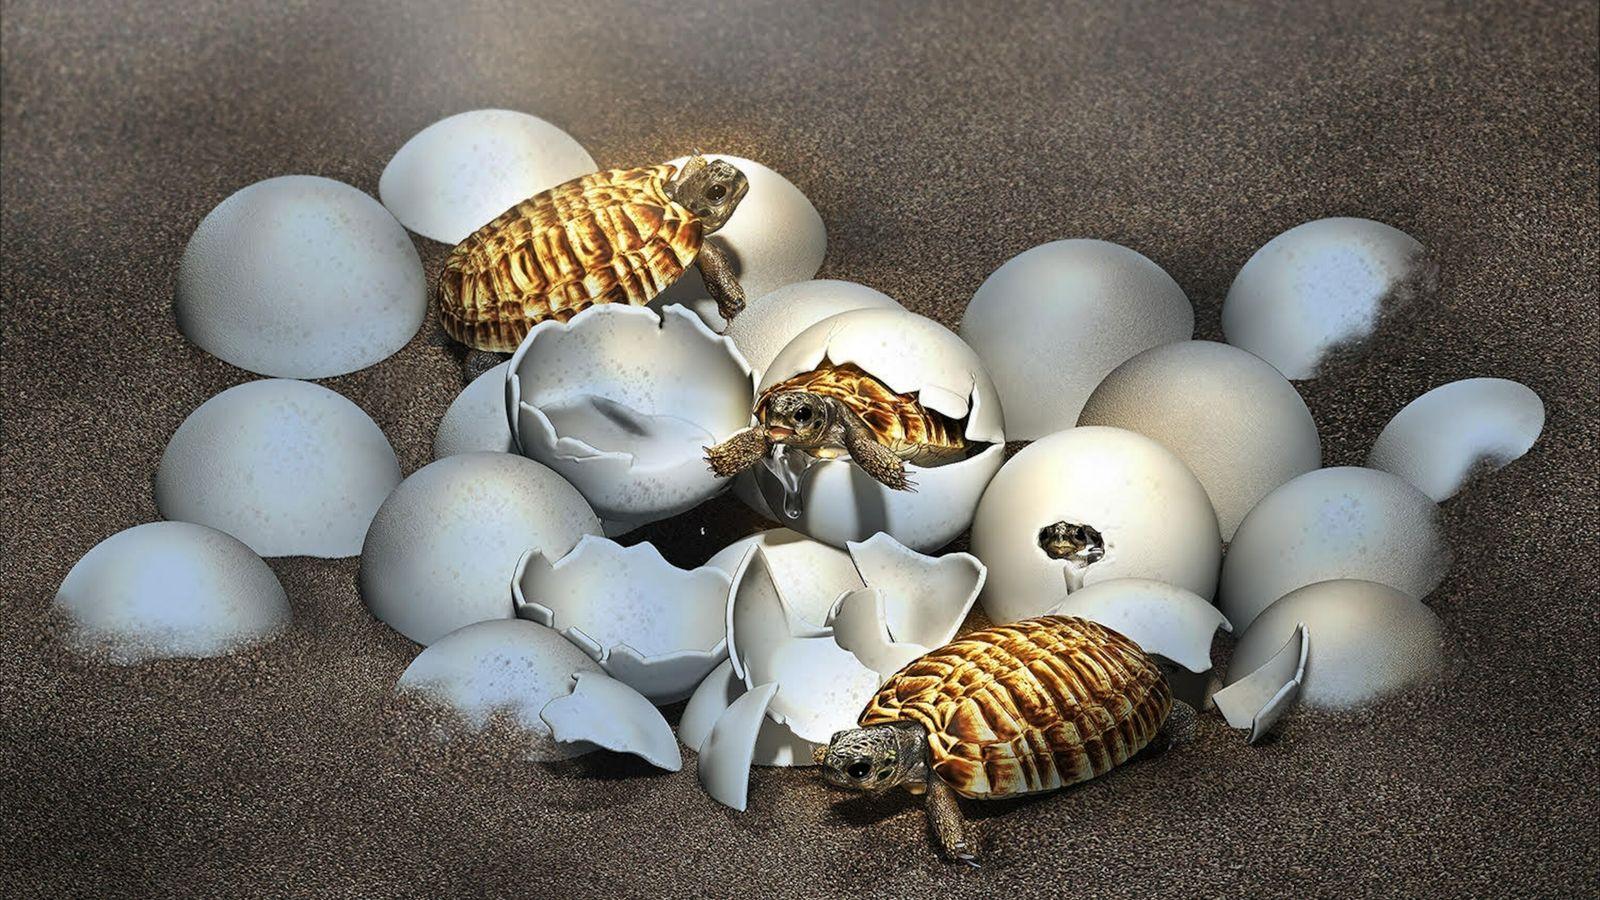 Ovo fossilizado encontrado na China revela surpresa em seu interior: o bebê de uma tartaruga gigante ...